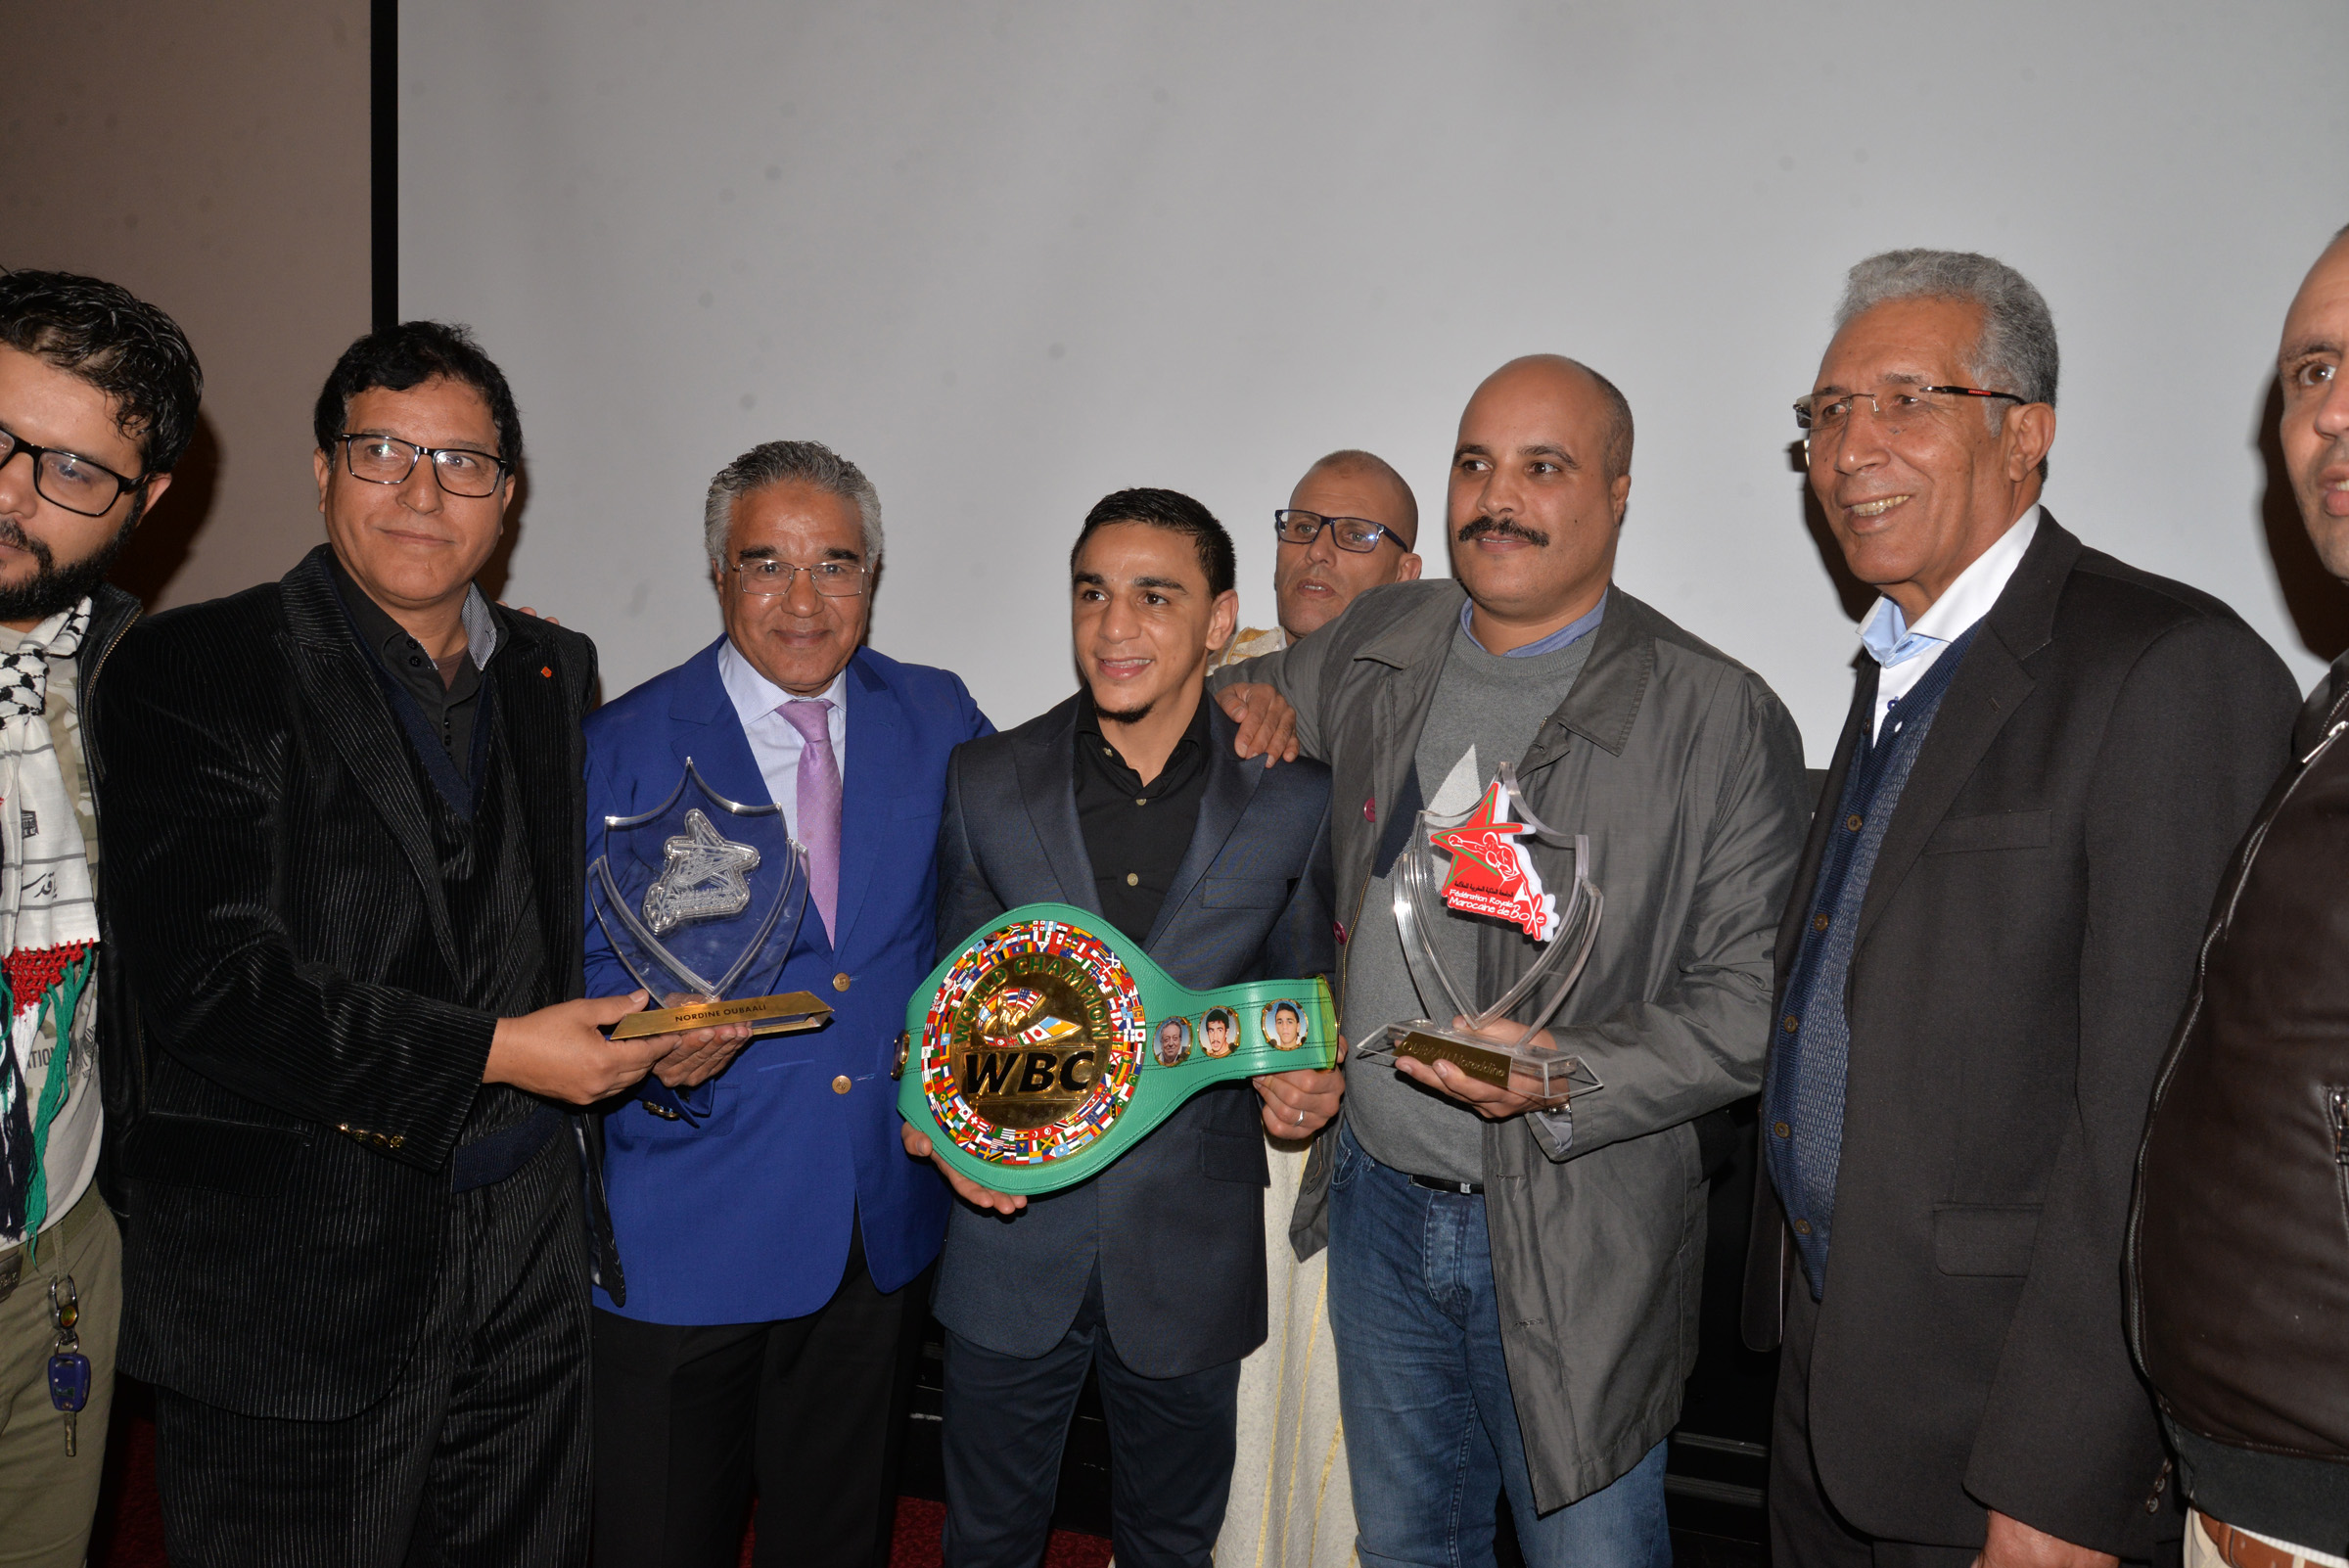 Le triple champion du monde des poids coq WBC, Oubaali, s'est dit «fier» de pouvoir partager sa victoire avec les sportifs et le public marocains. Ph : Aicpress